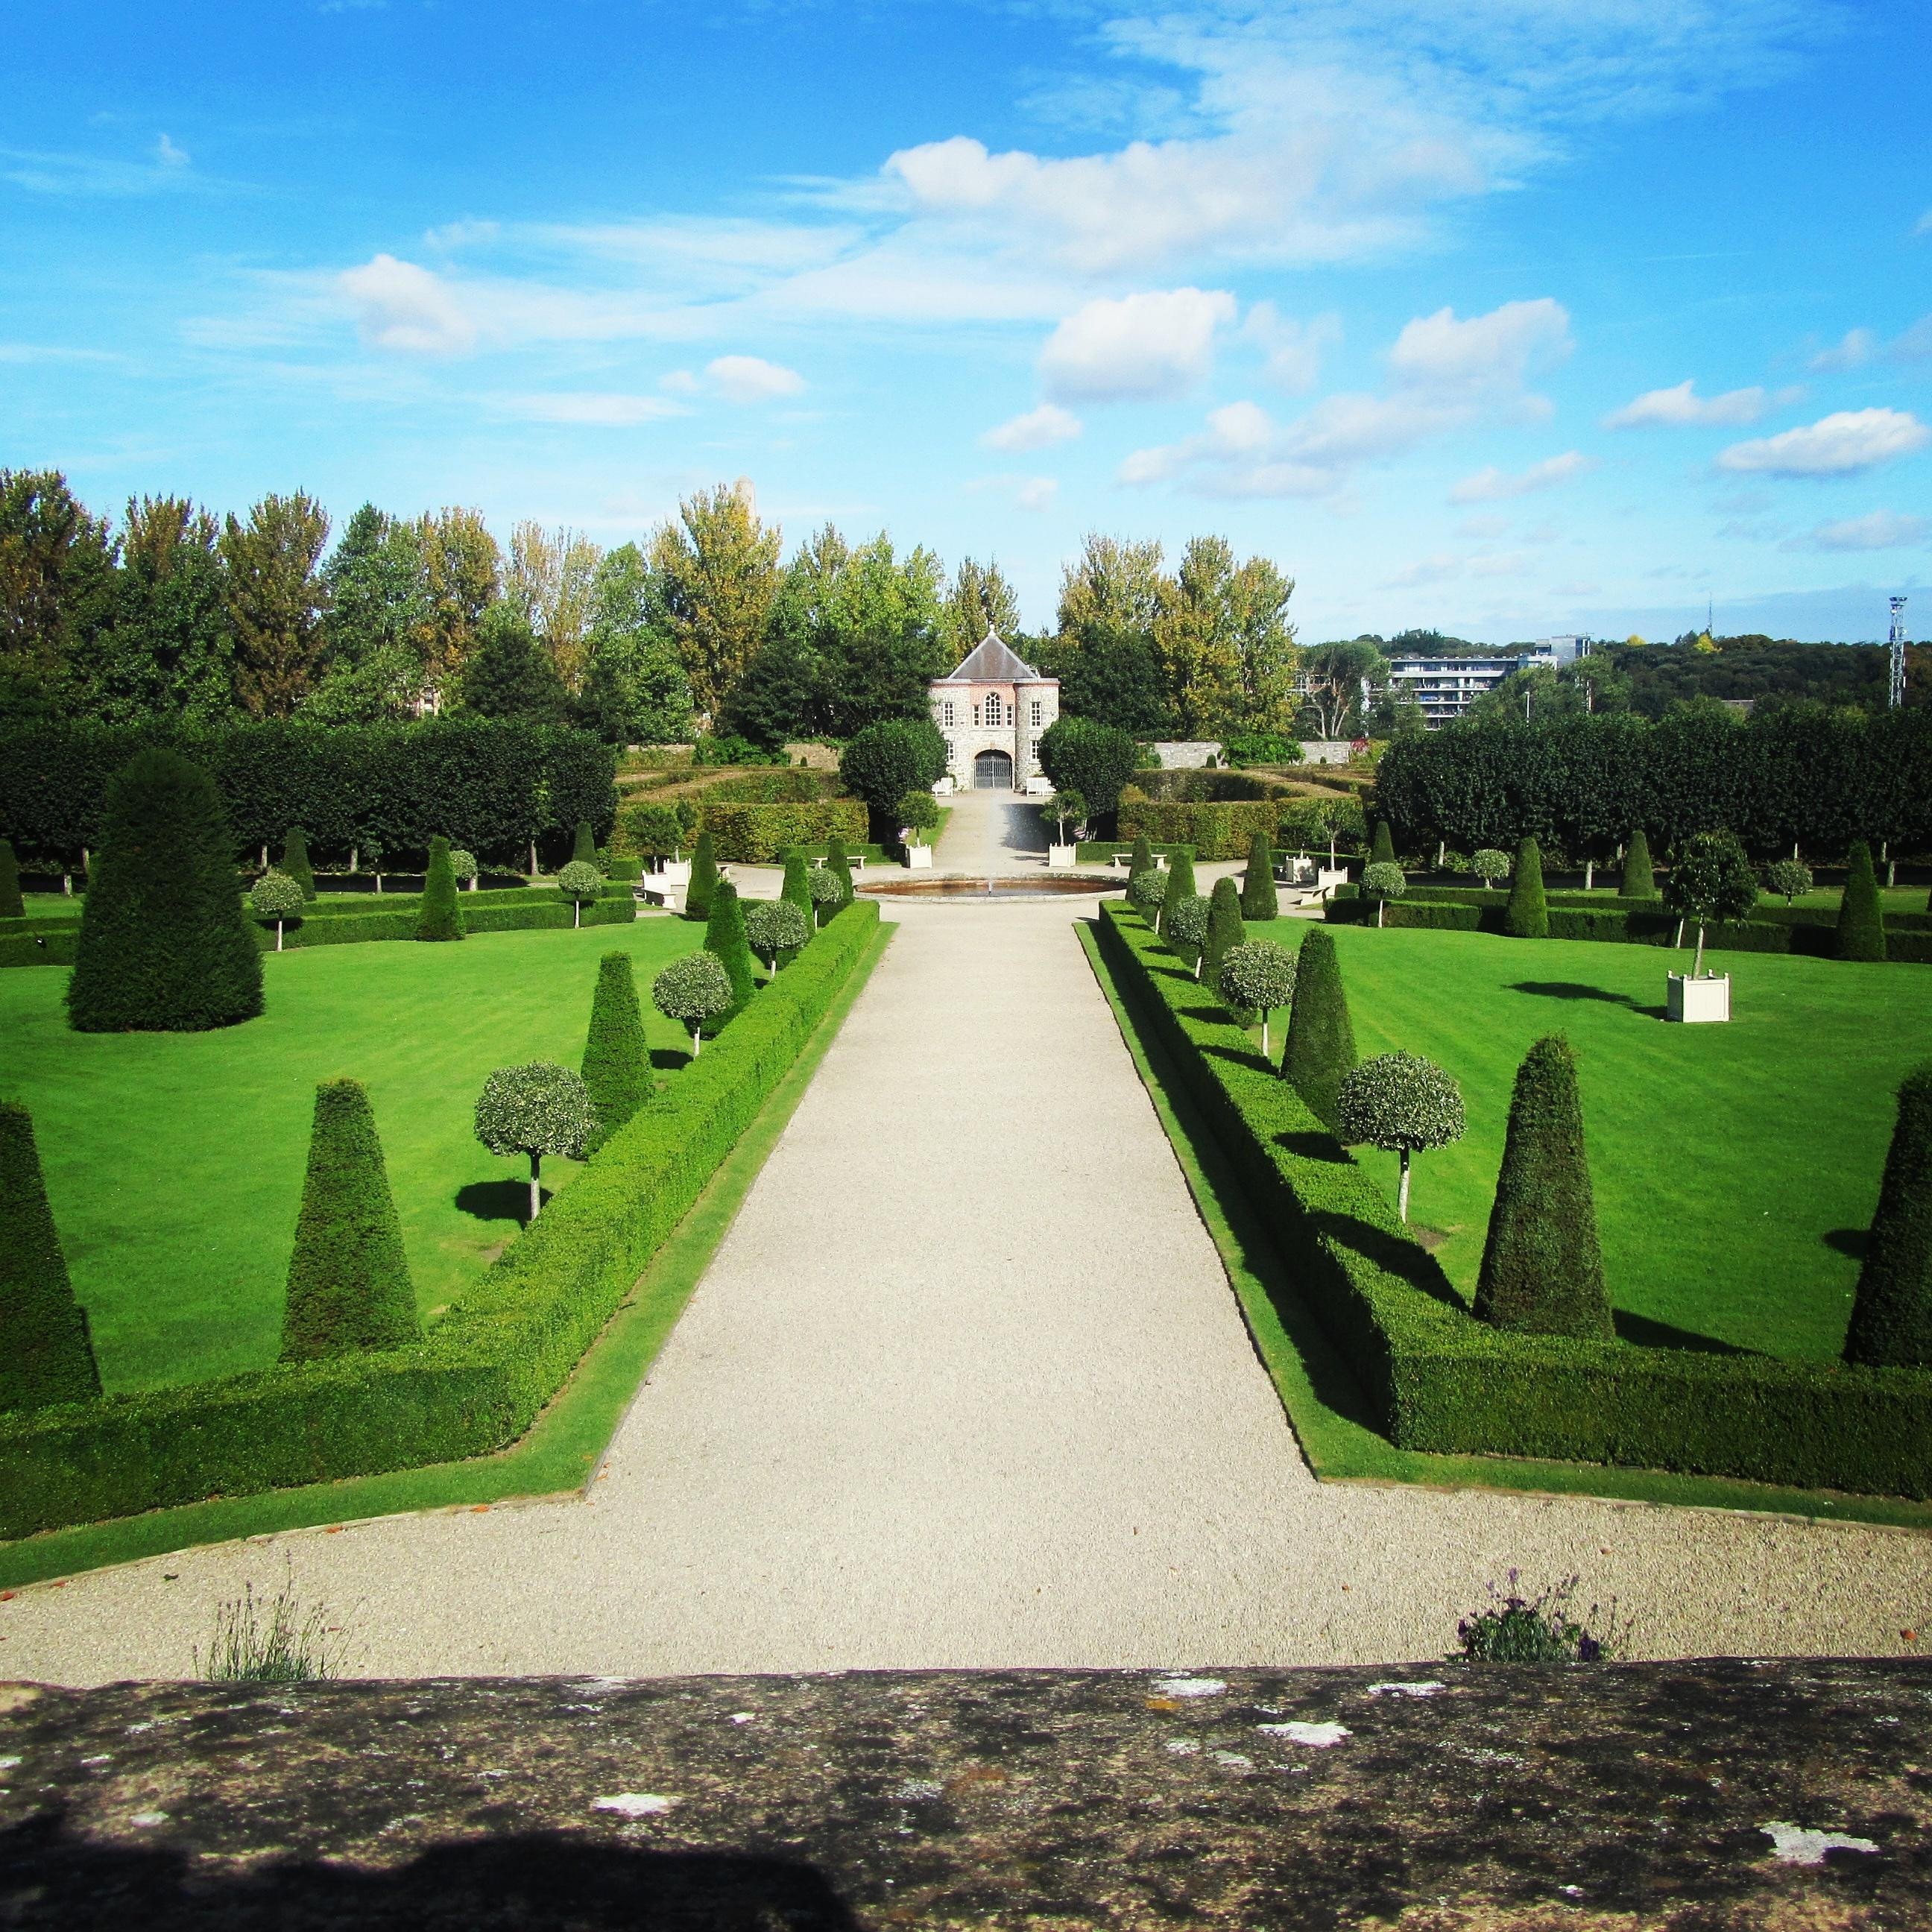 I.M.M.A. Gardens